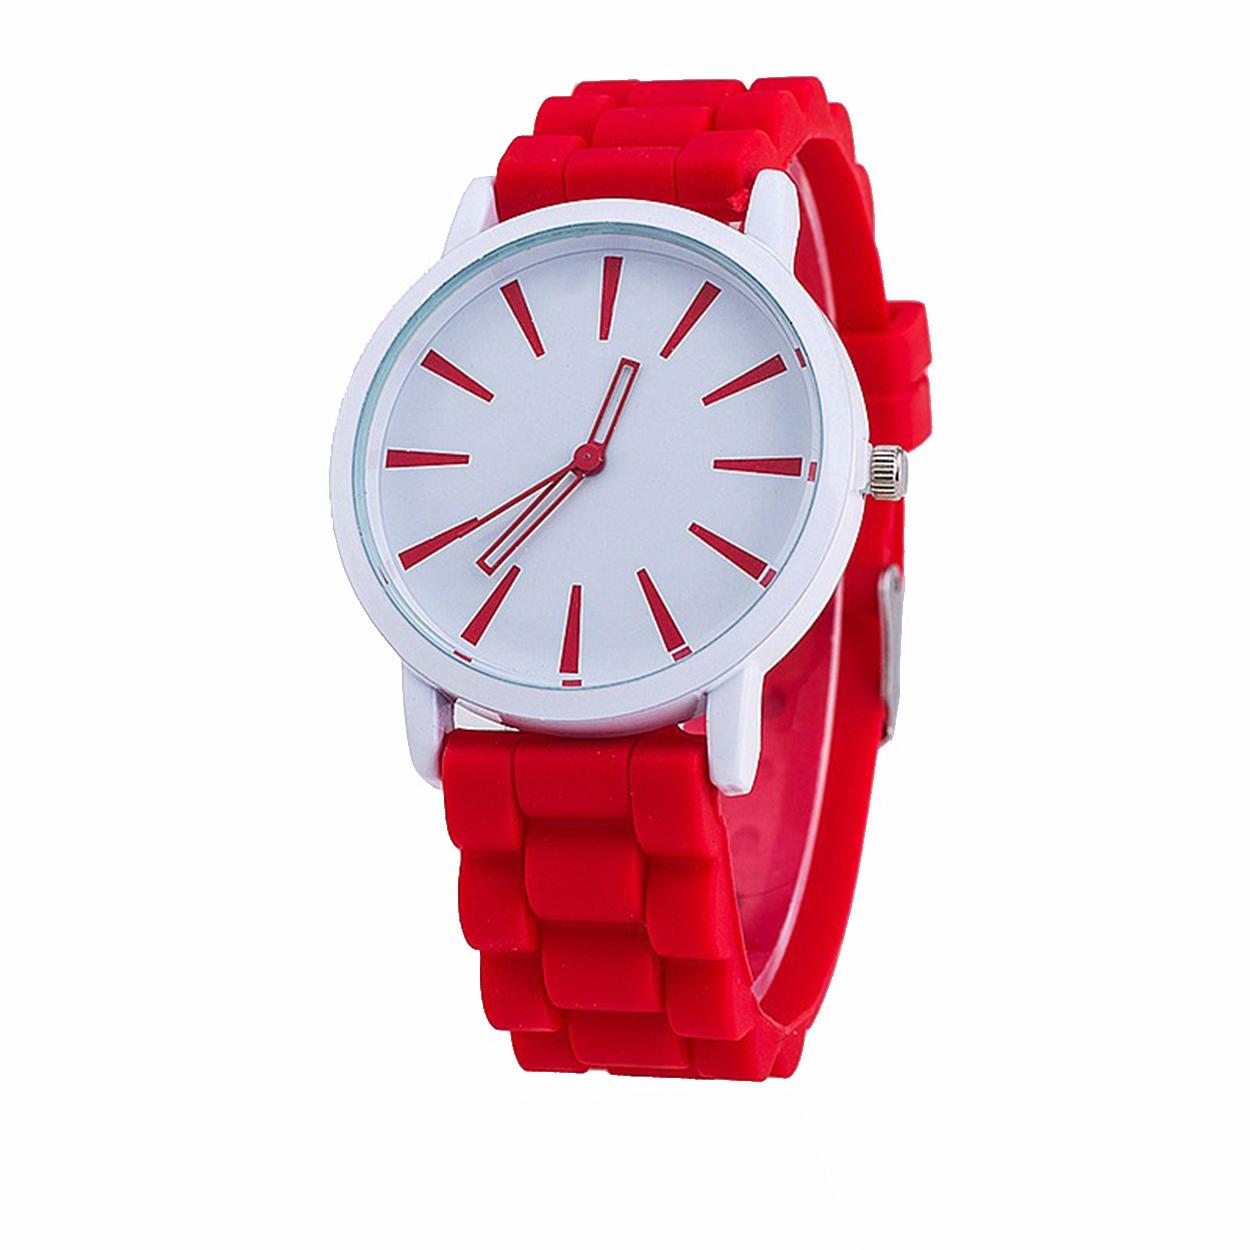 ساعت مچی عقربه ای مدل watch2585R